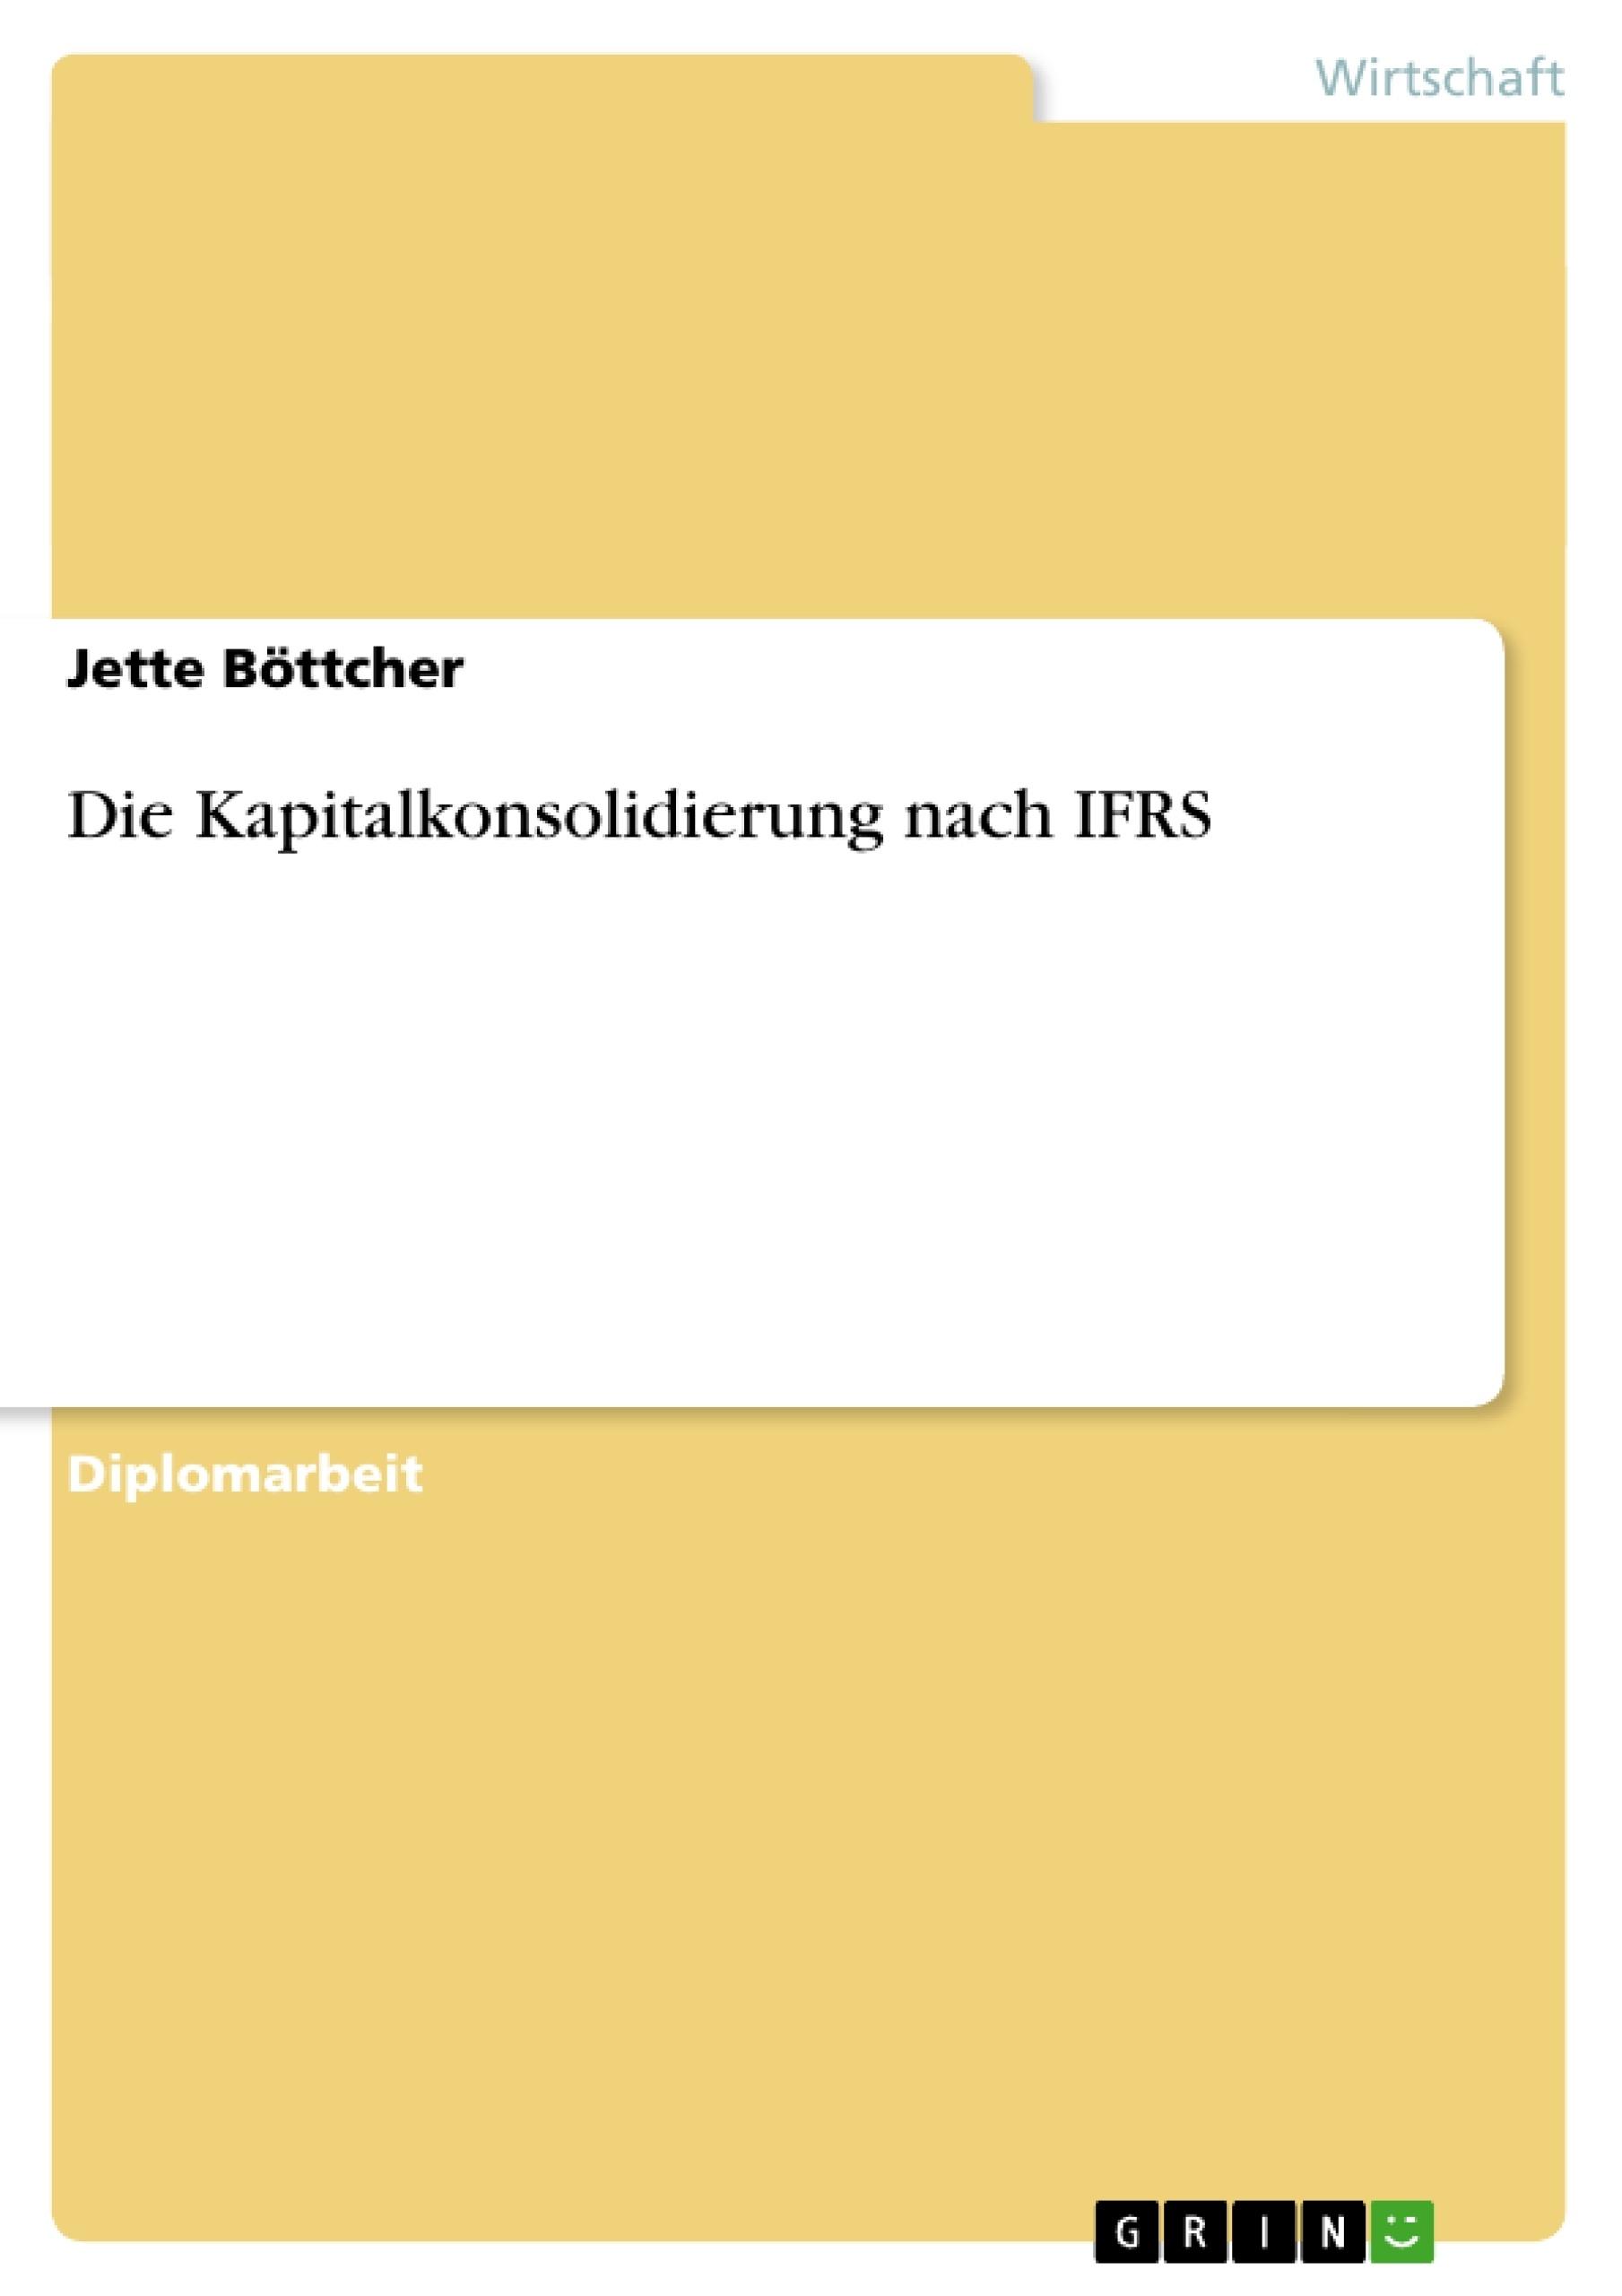 Titel: Die Kapitalkonsolidierung nach IFRS